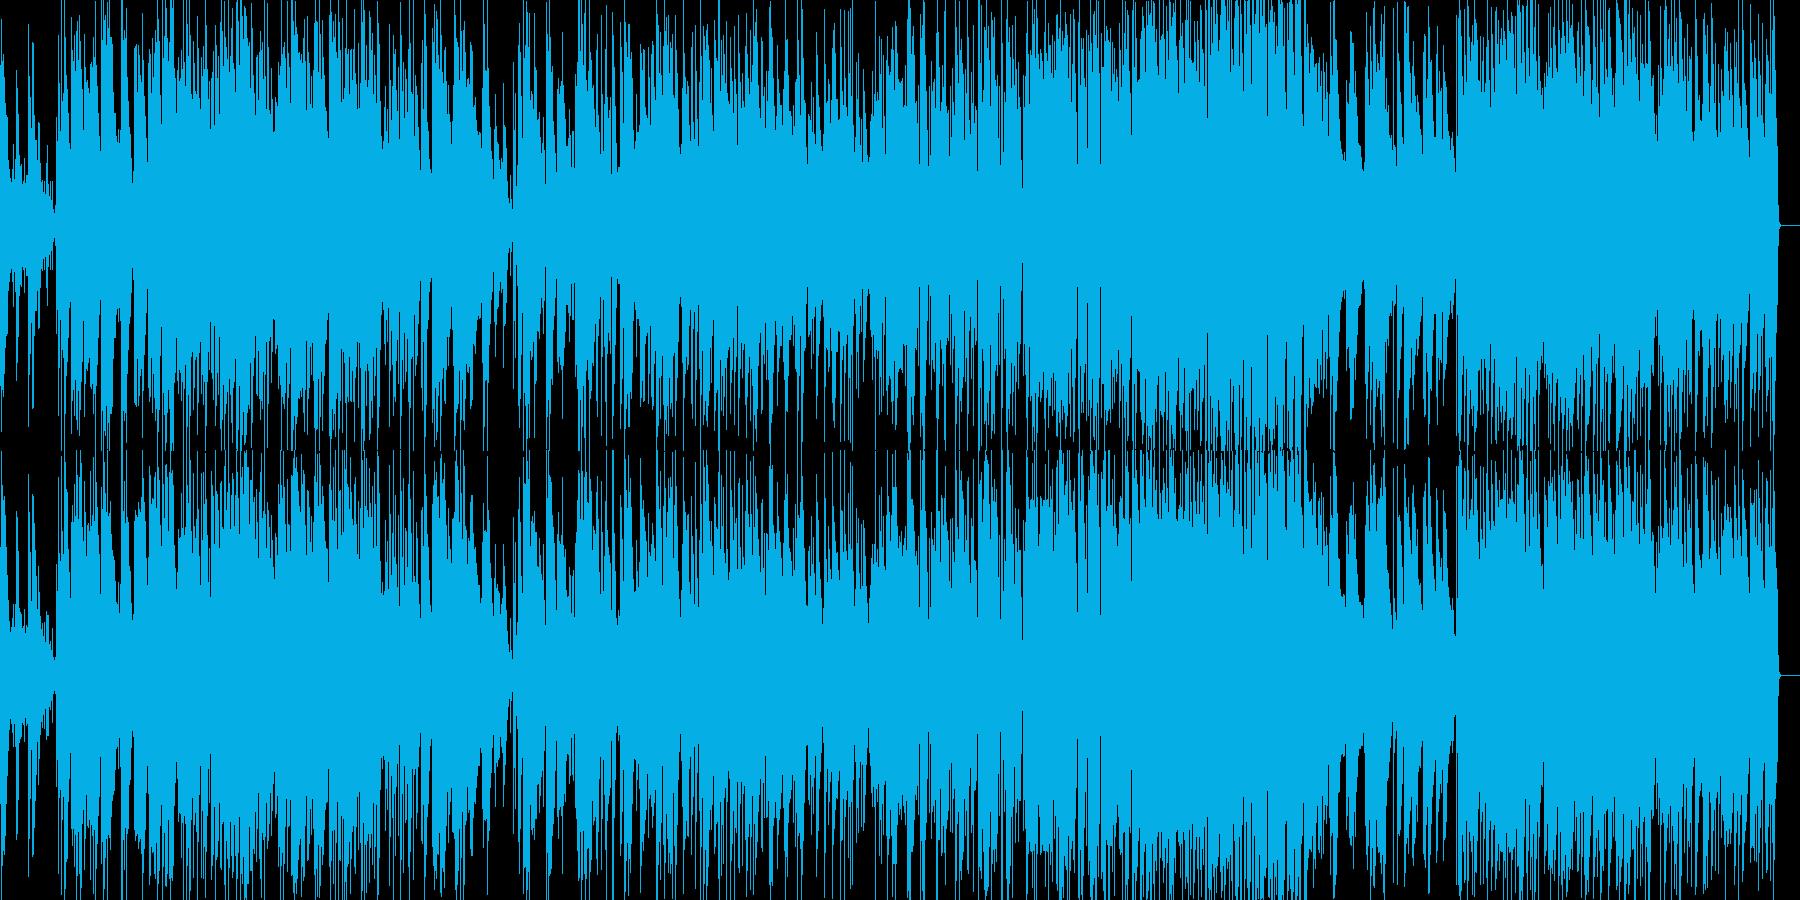 白鳥の湖ジャズピアノトリオアレンジの再生済みの波形